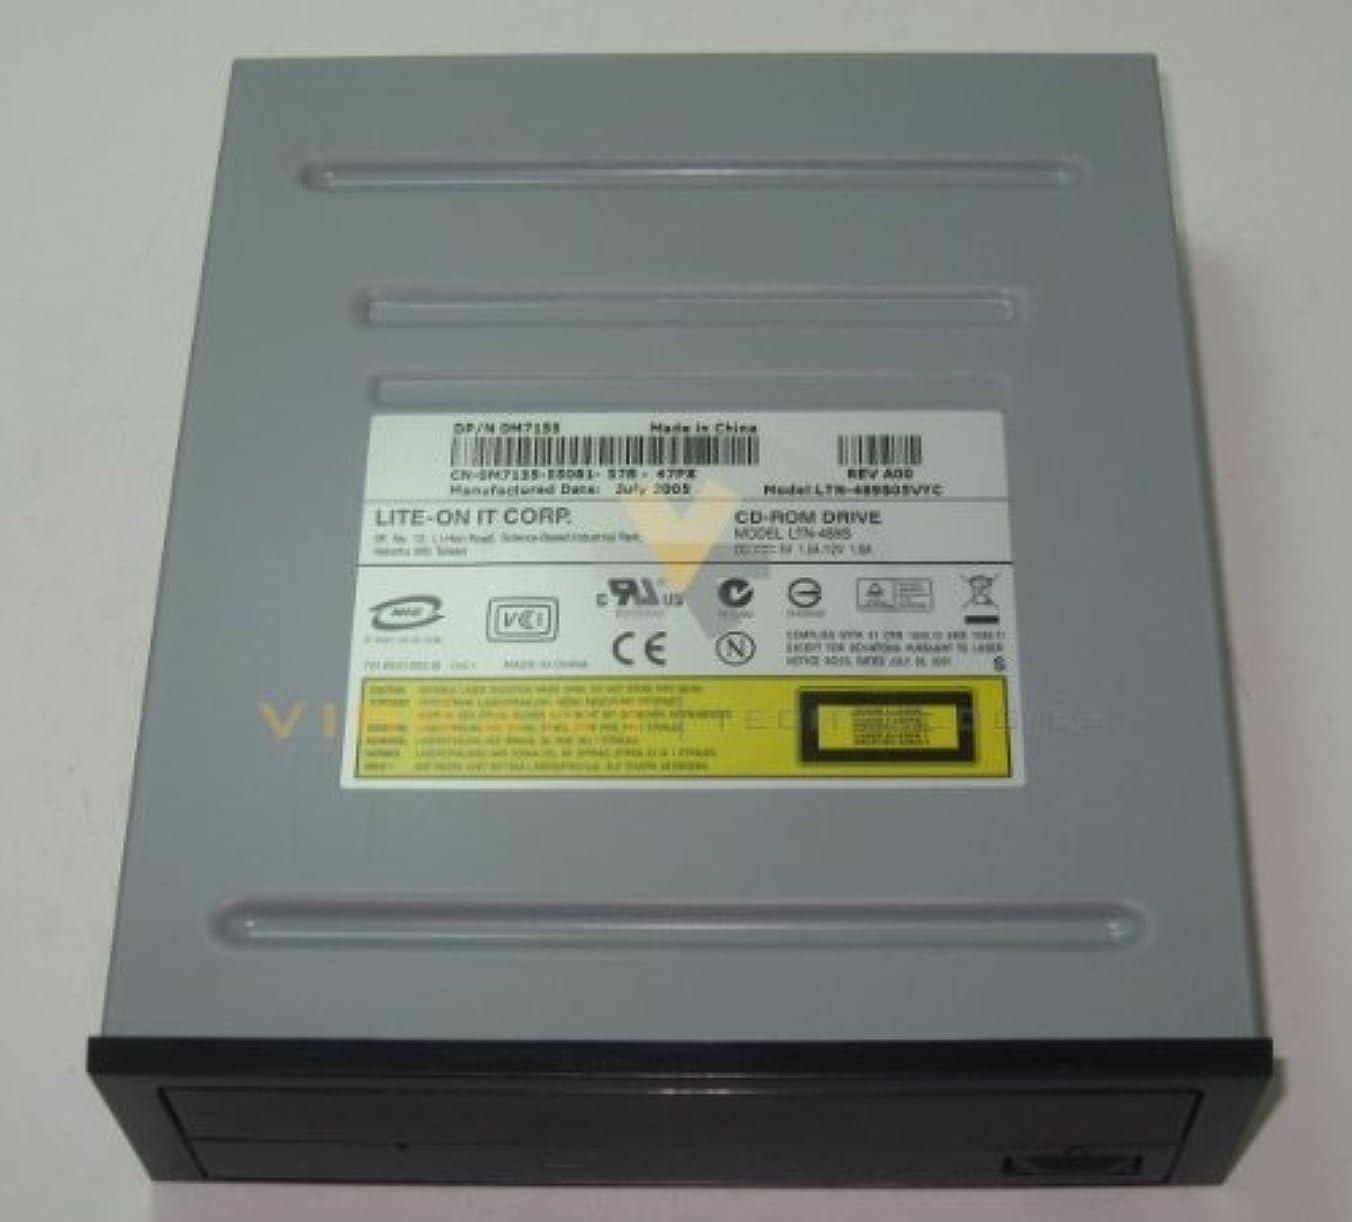 月曜受け入れアンケートDell Optiplex/寸法 48X ide ブラック cdrom ドライブ - M7155